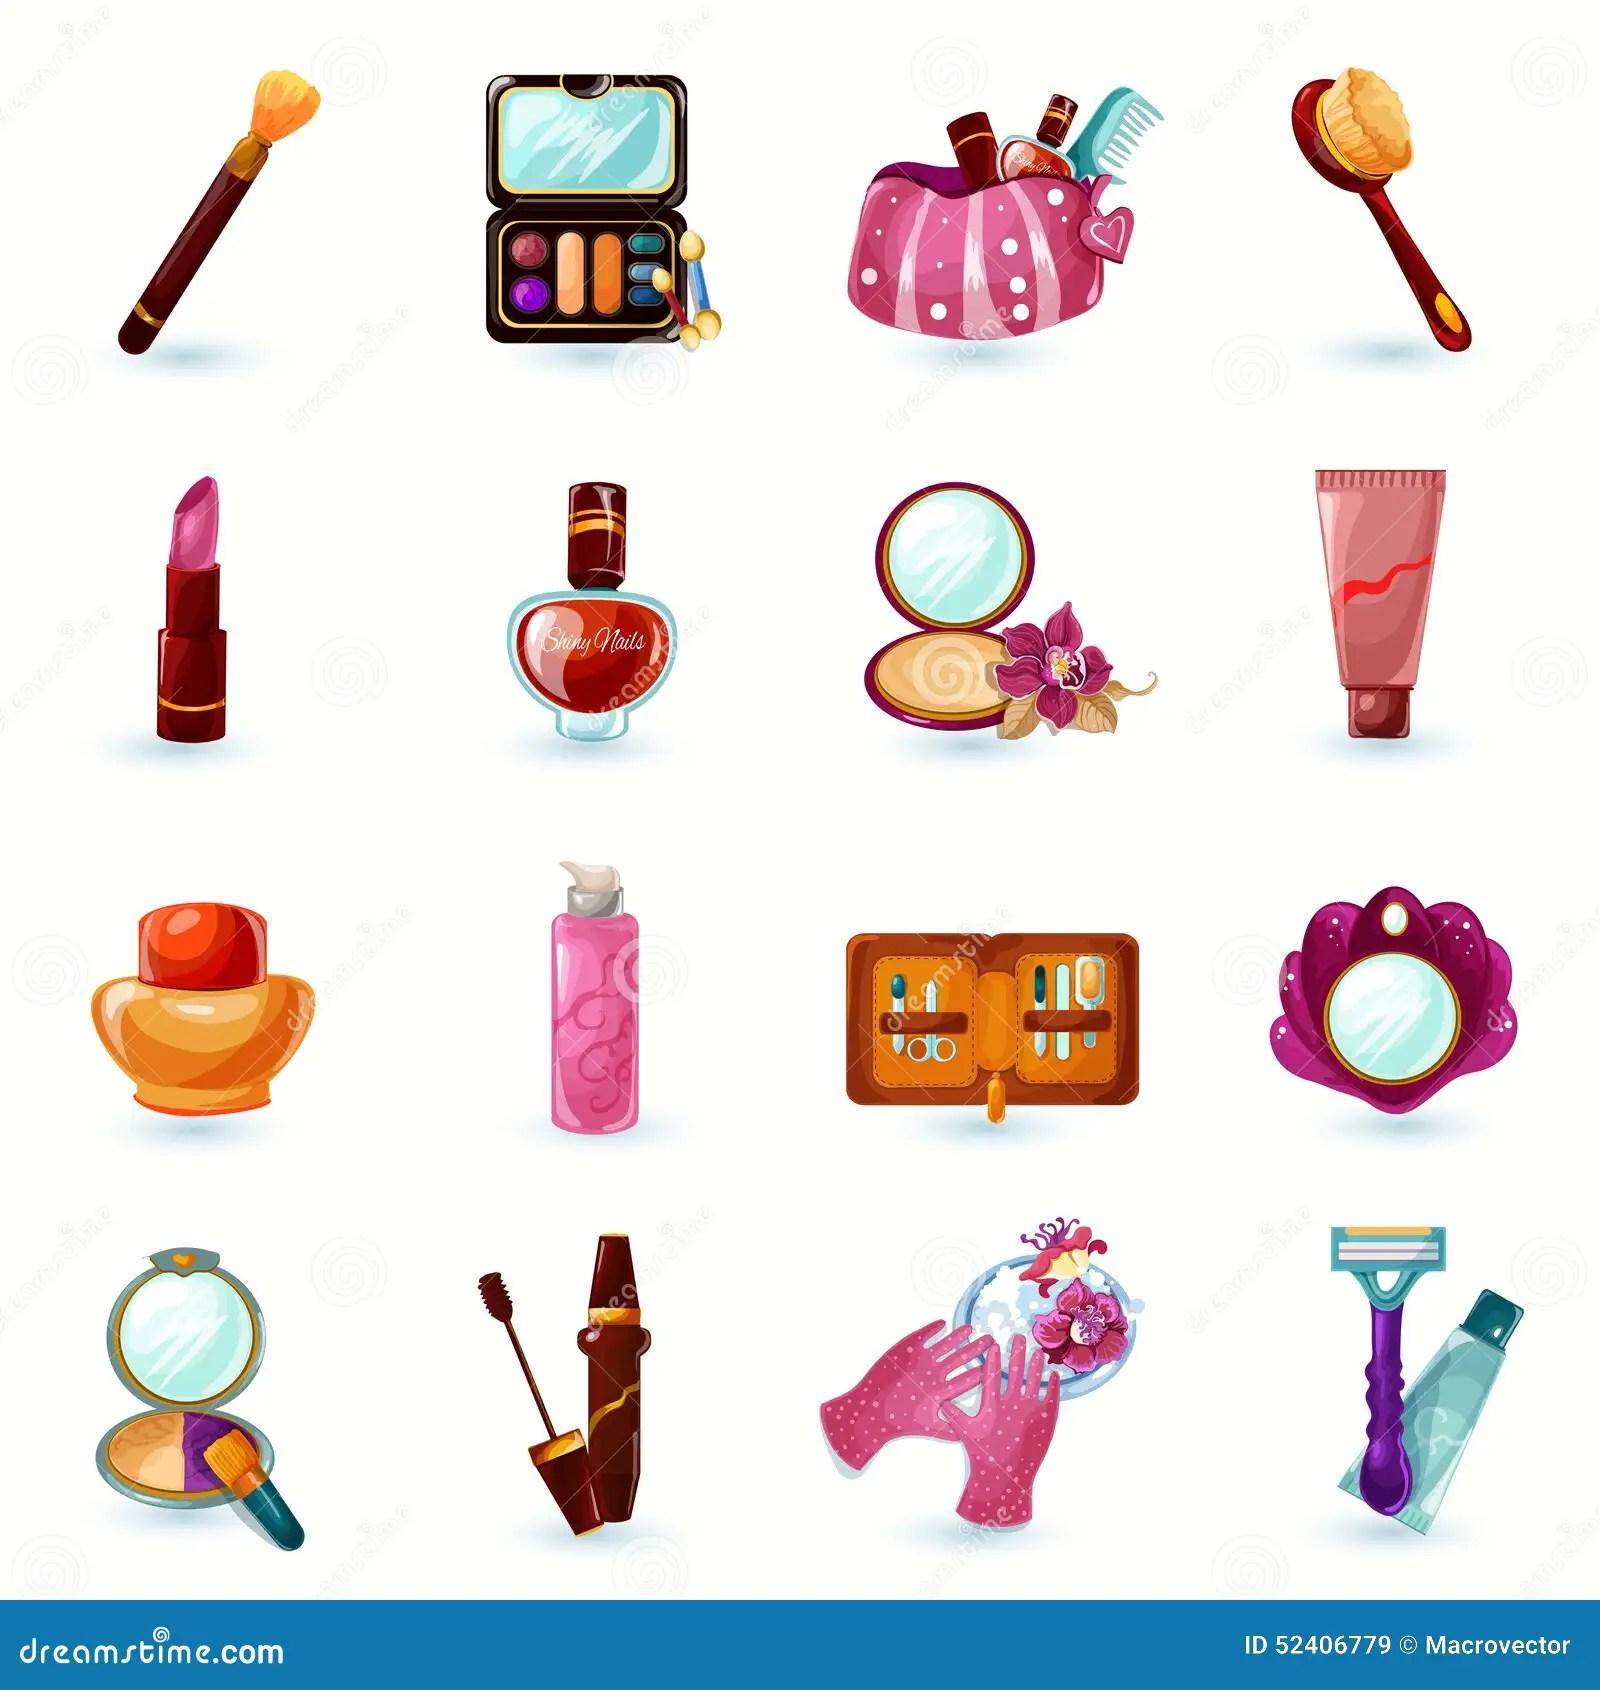 Cute Nail Arts Wallpaper Cosmetics Icons Set Stock Vector Image 52406779